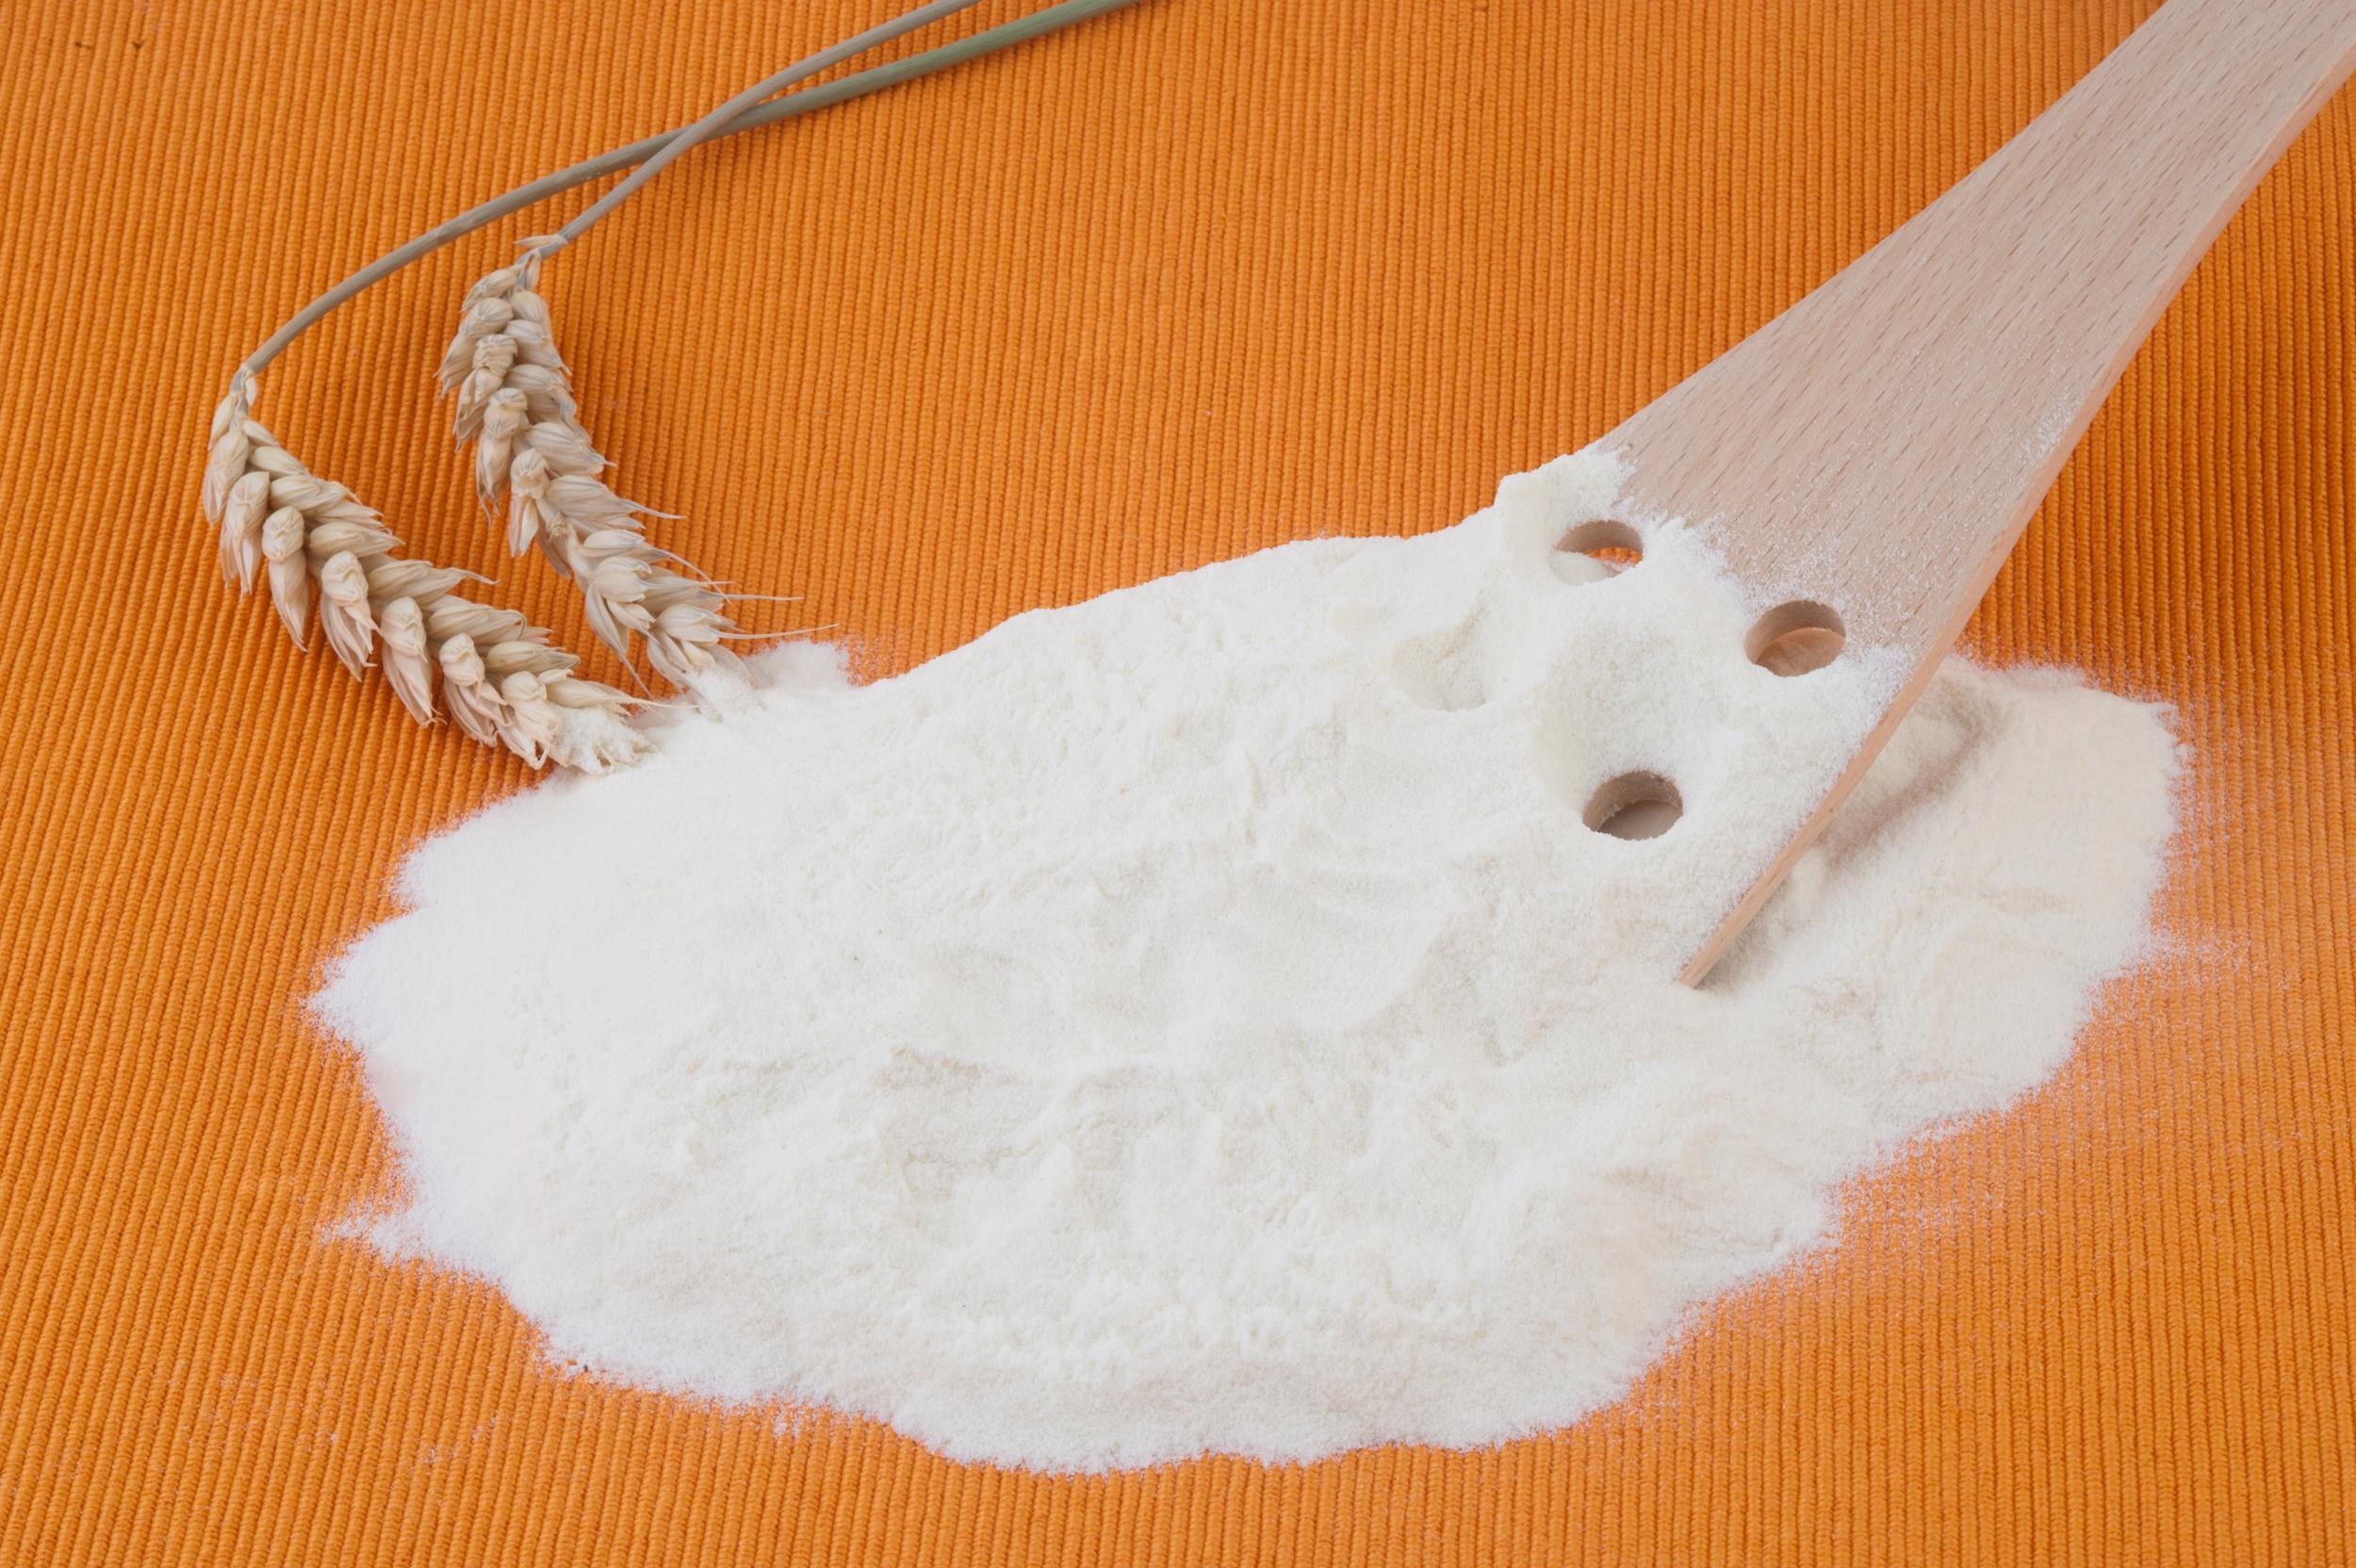 Semolina de Trigo Blando  Soft Wheat Semolina